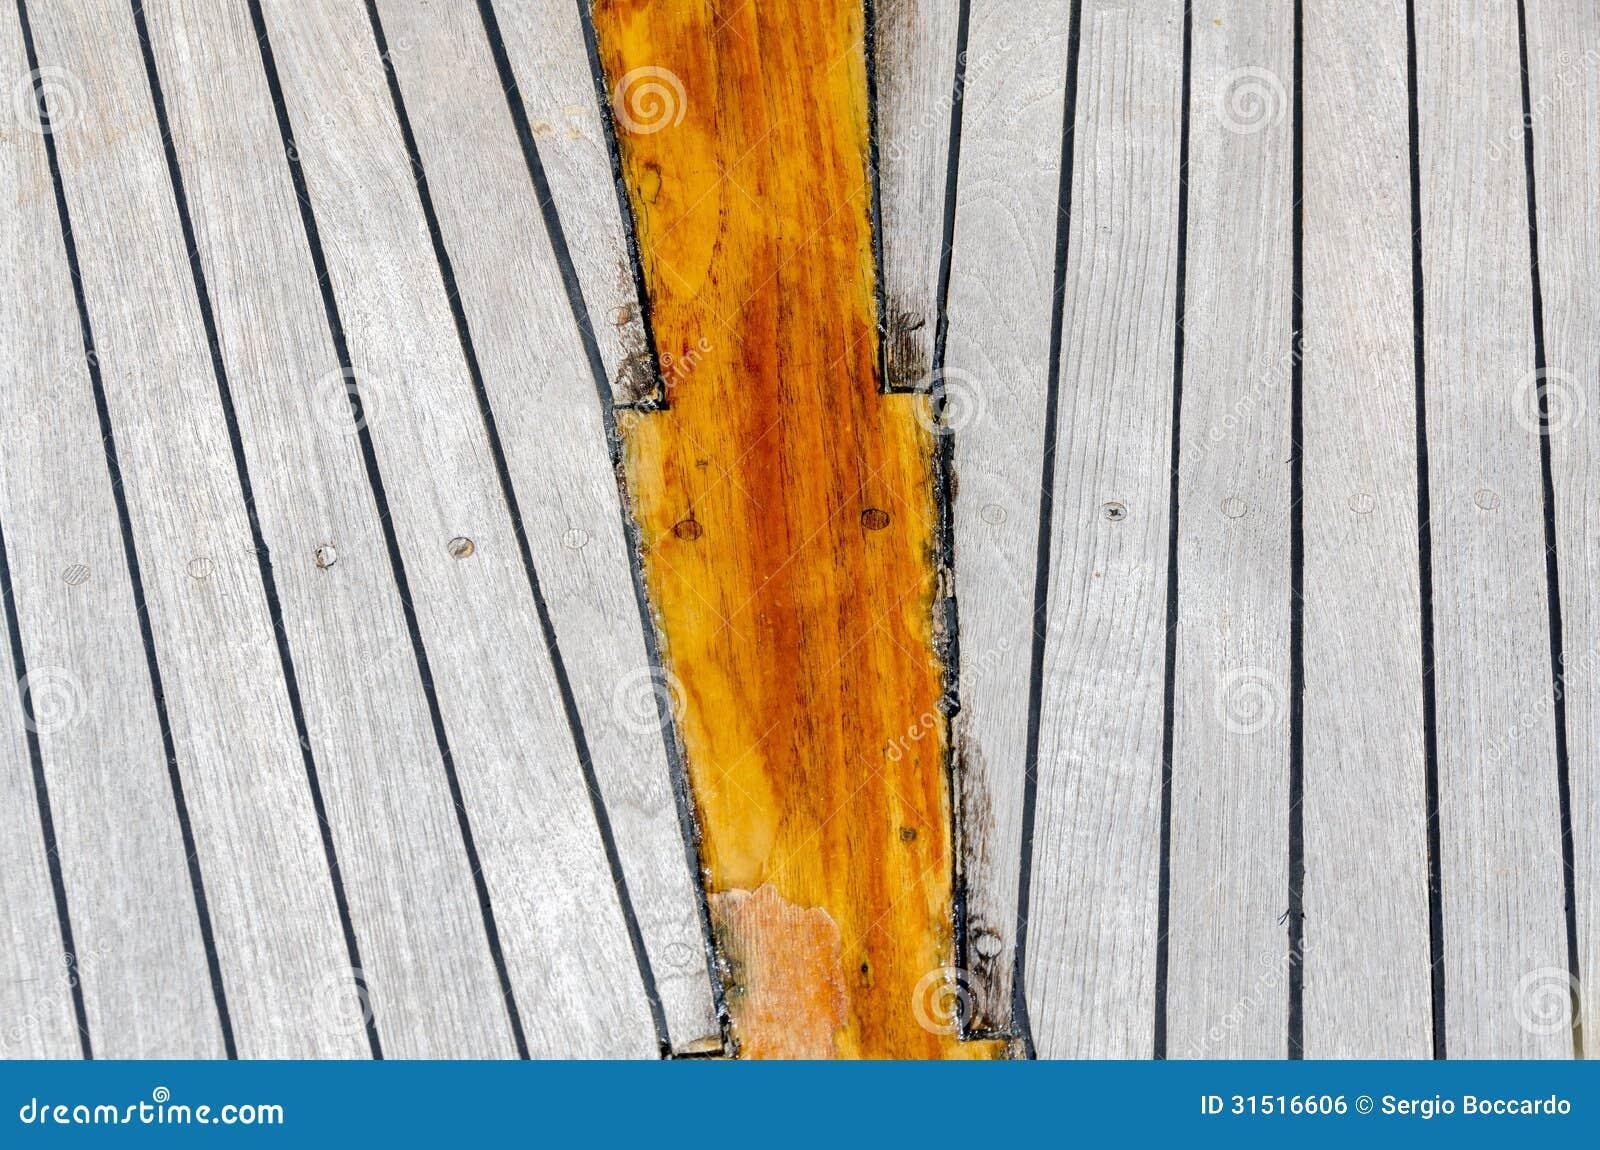 Fußboden Yacht ~ Boden einer yacht stockfoto bild von fußboden nicken